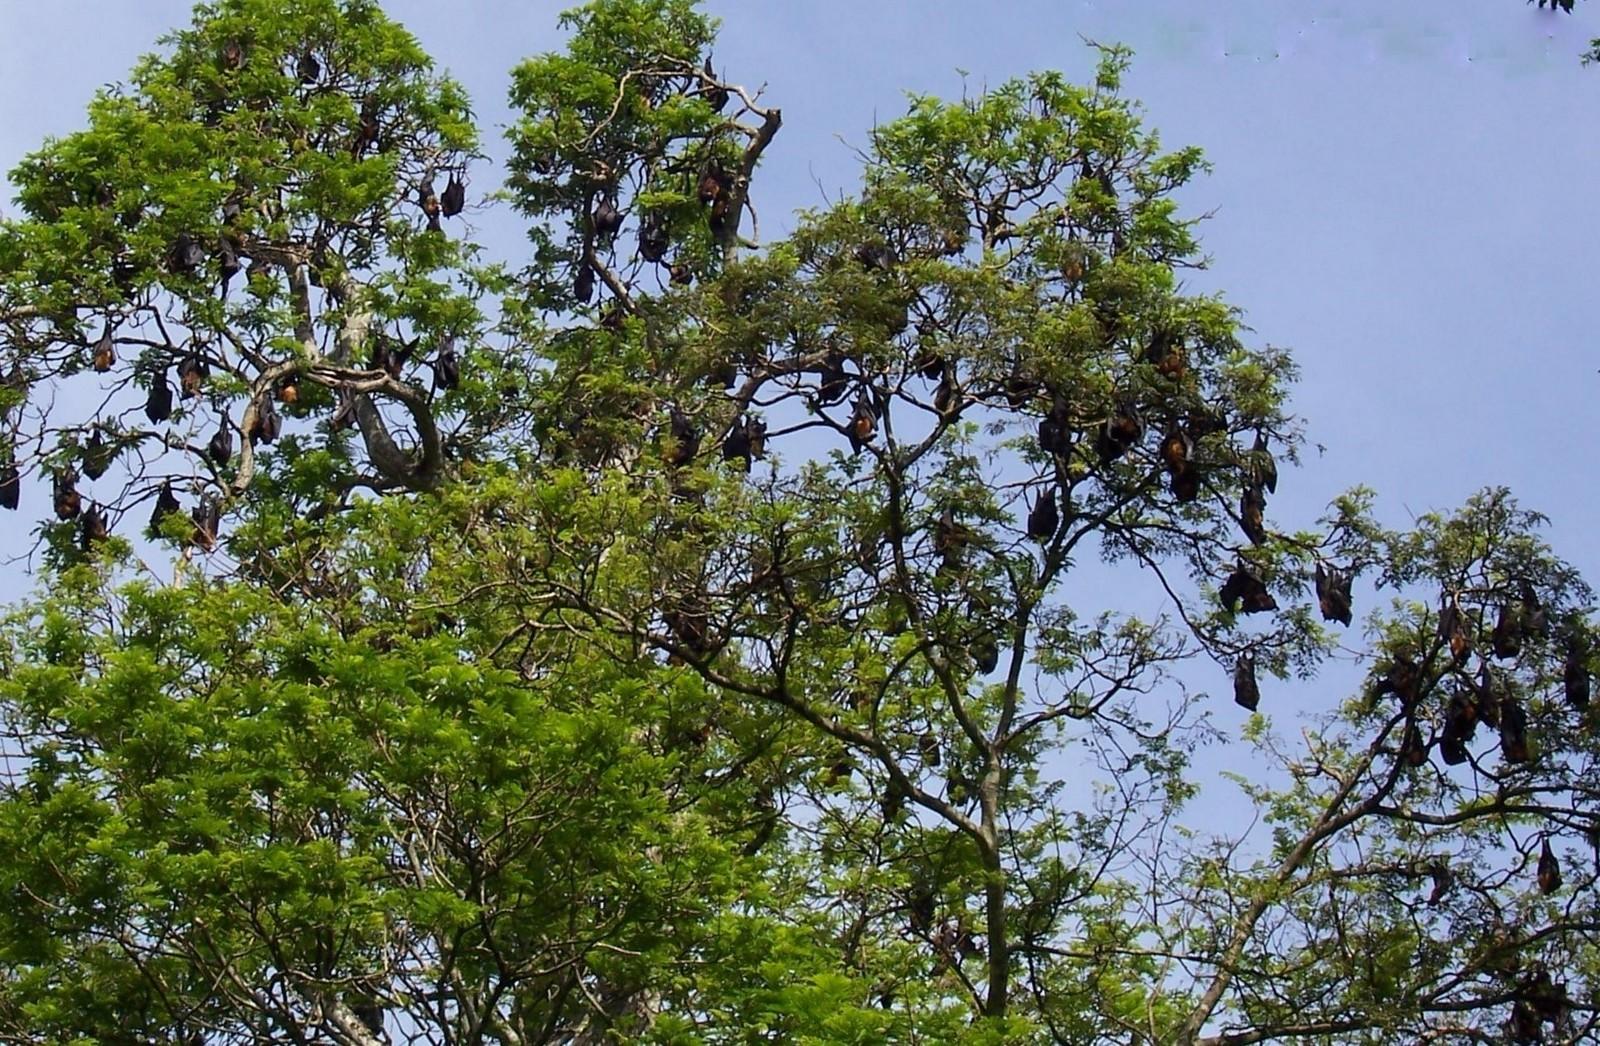 Fliegende Hunde - Botanischer Garten Peredeniya - Ceylon